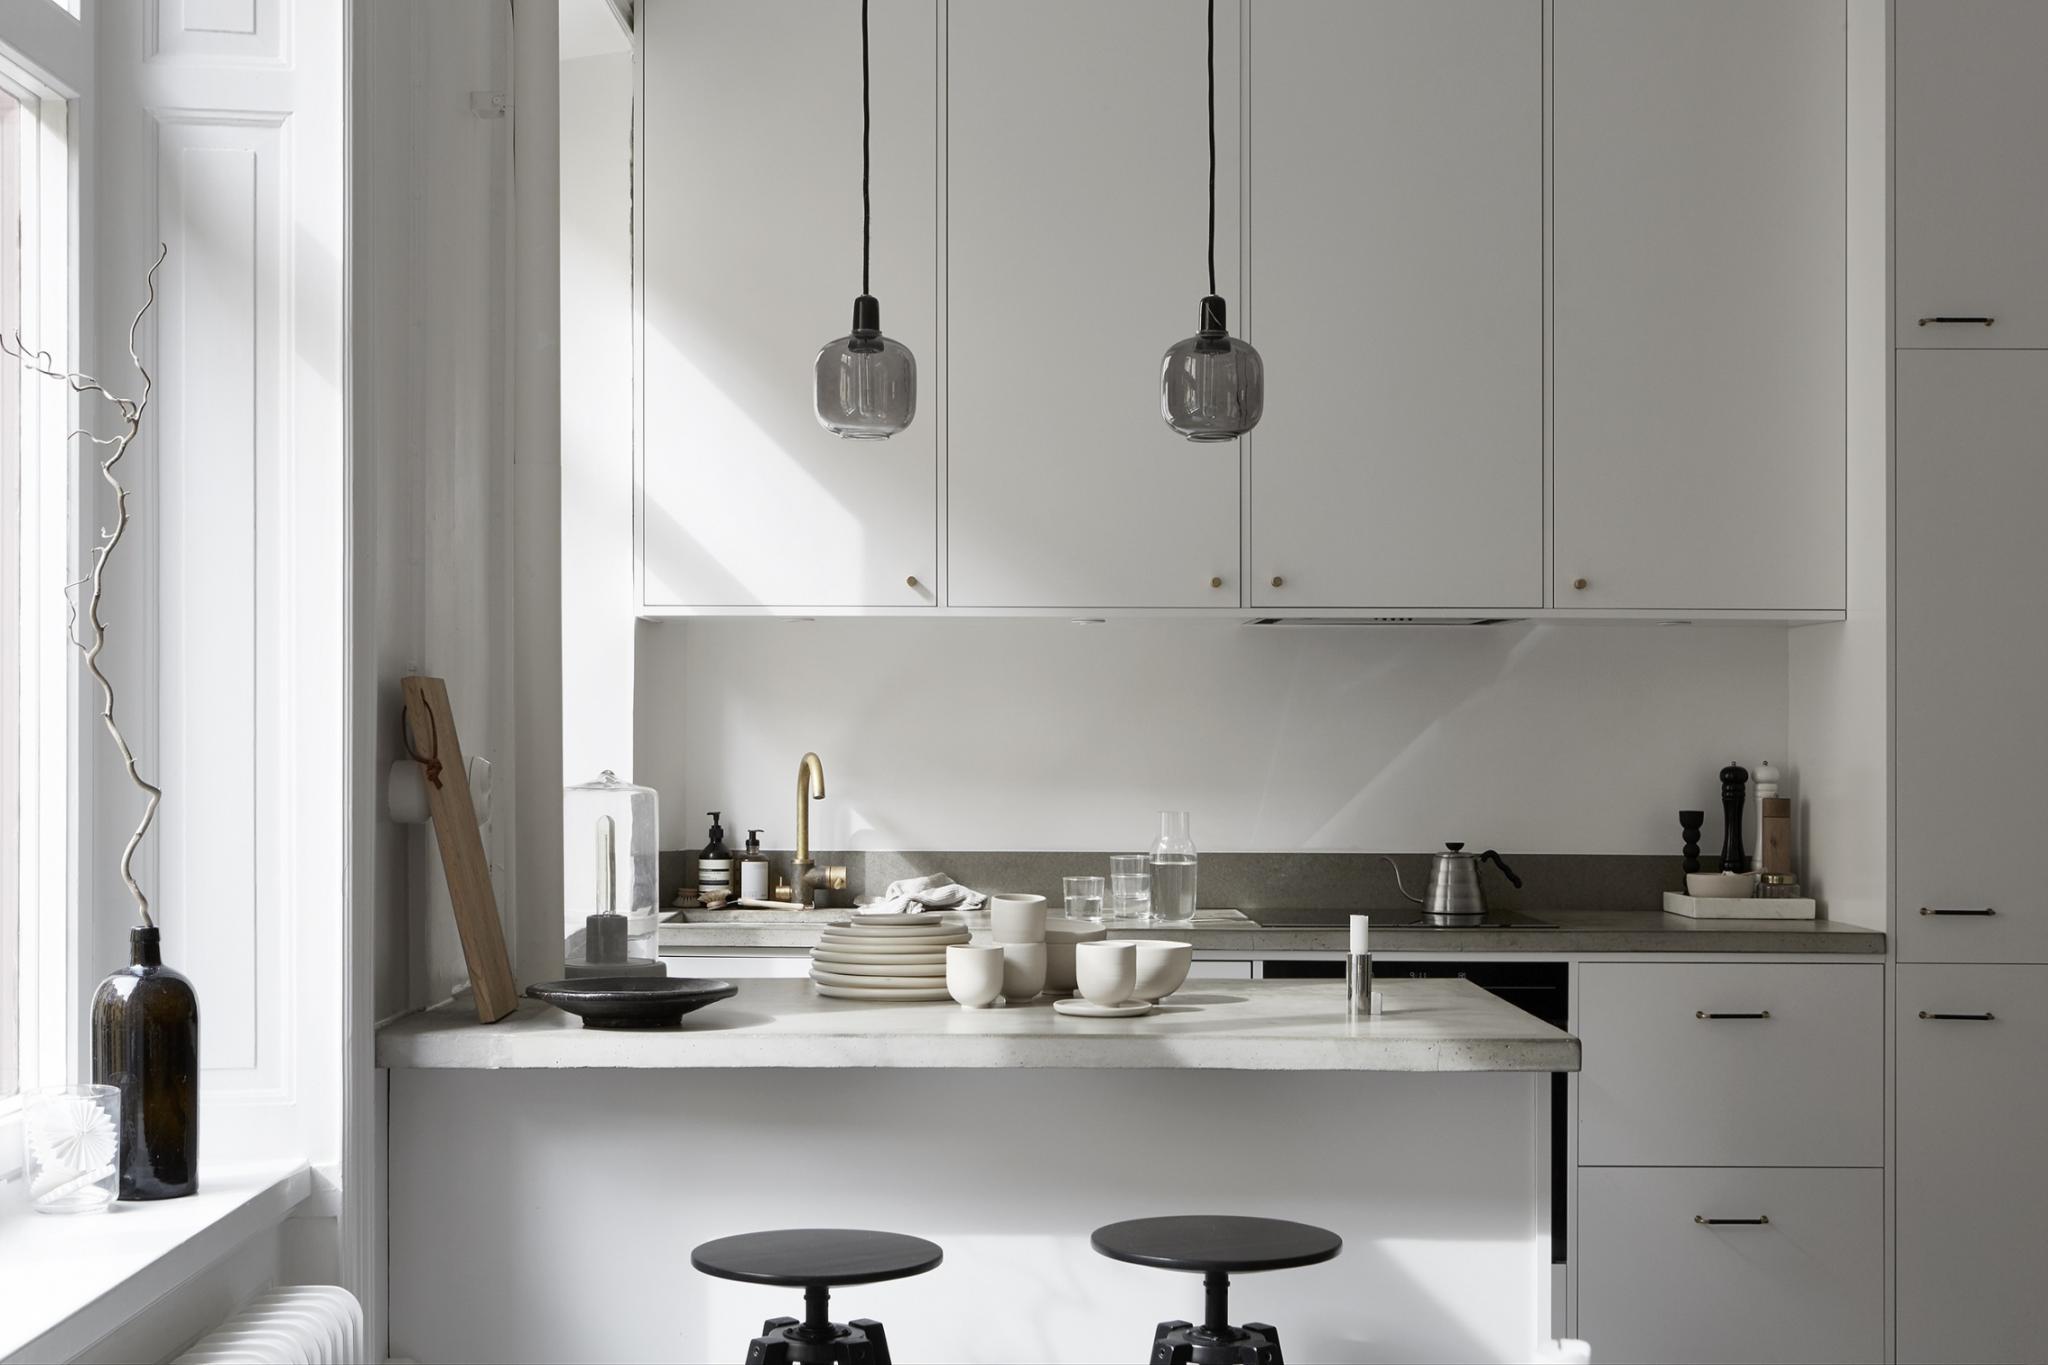 Piso peque o y elegante blog tienda decoraci n estilo - Piso pequeno estilo nordico ...